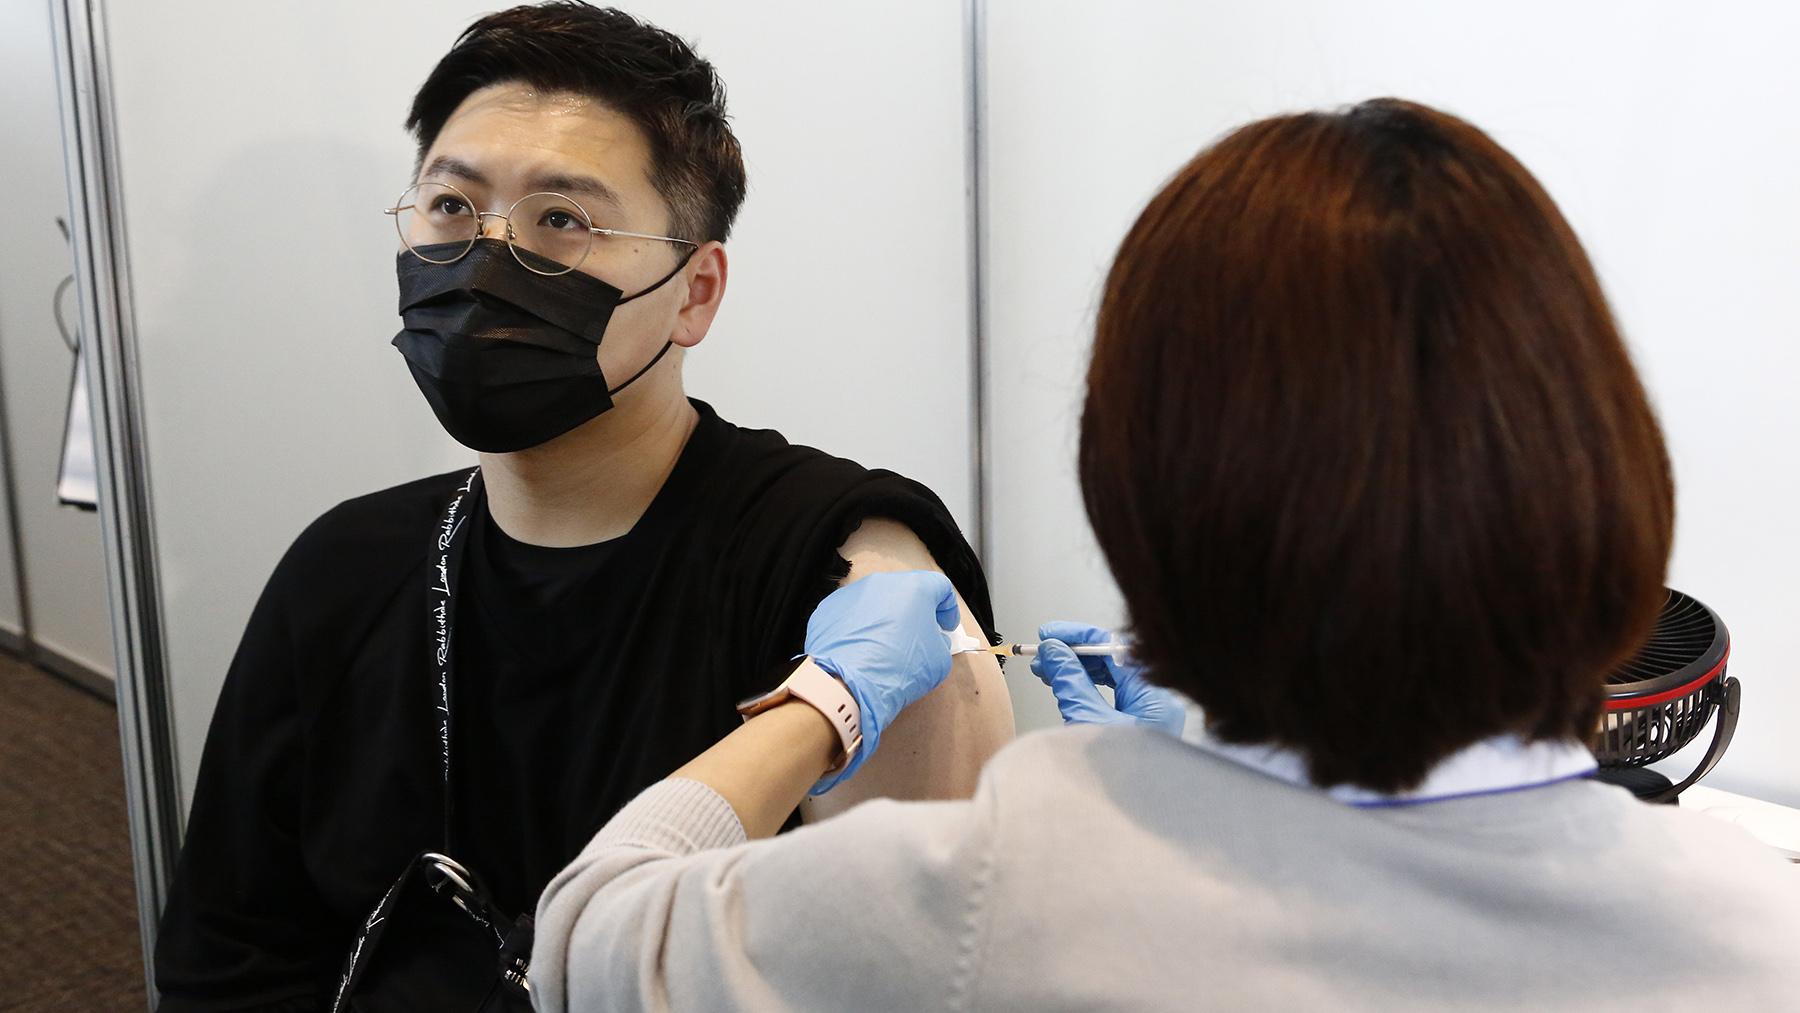 La vacuna de Moderna la recibieron los participantesen los Juegos Olímpicos de Tokio.